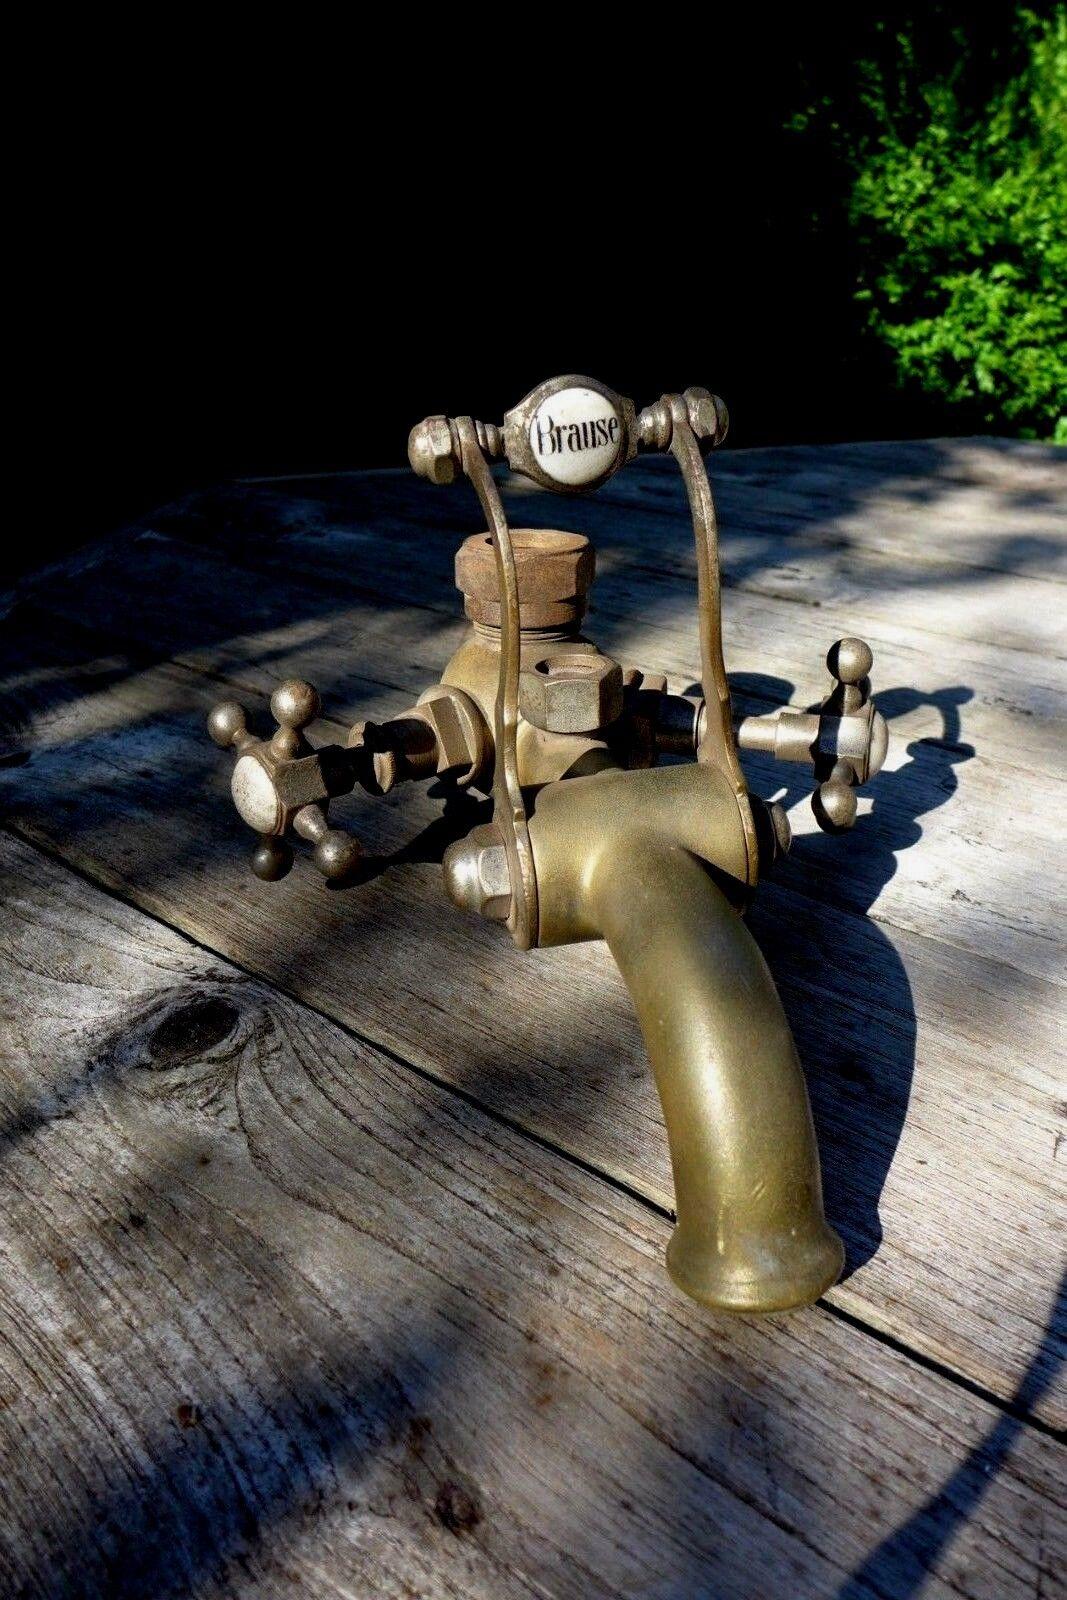 Antique en laiton massif Salle de bain robinet mélangeur, Design unique, projet COLLECTOR Original un